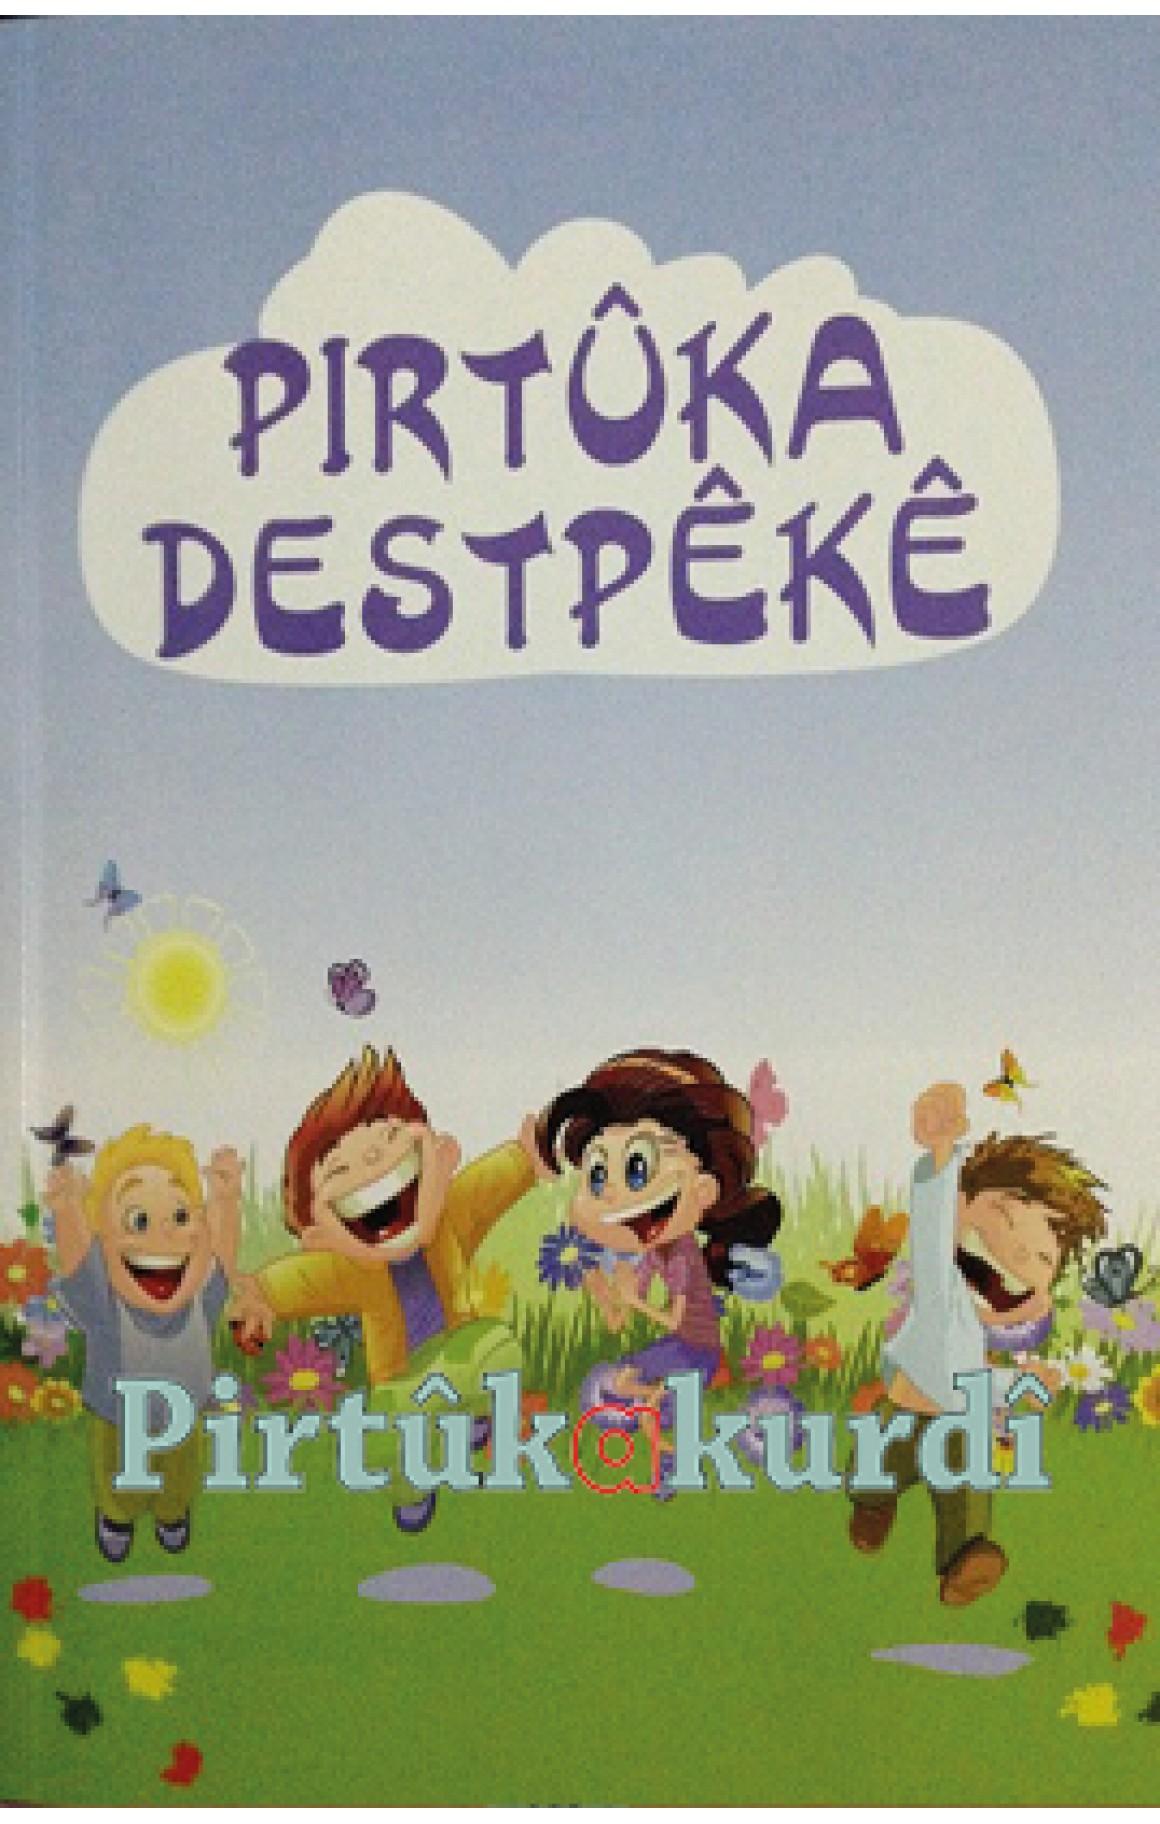 Pirtûka Destpêkê